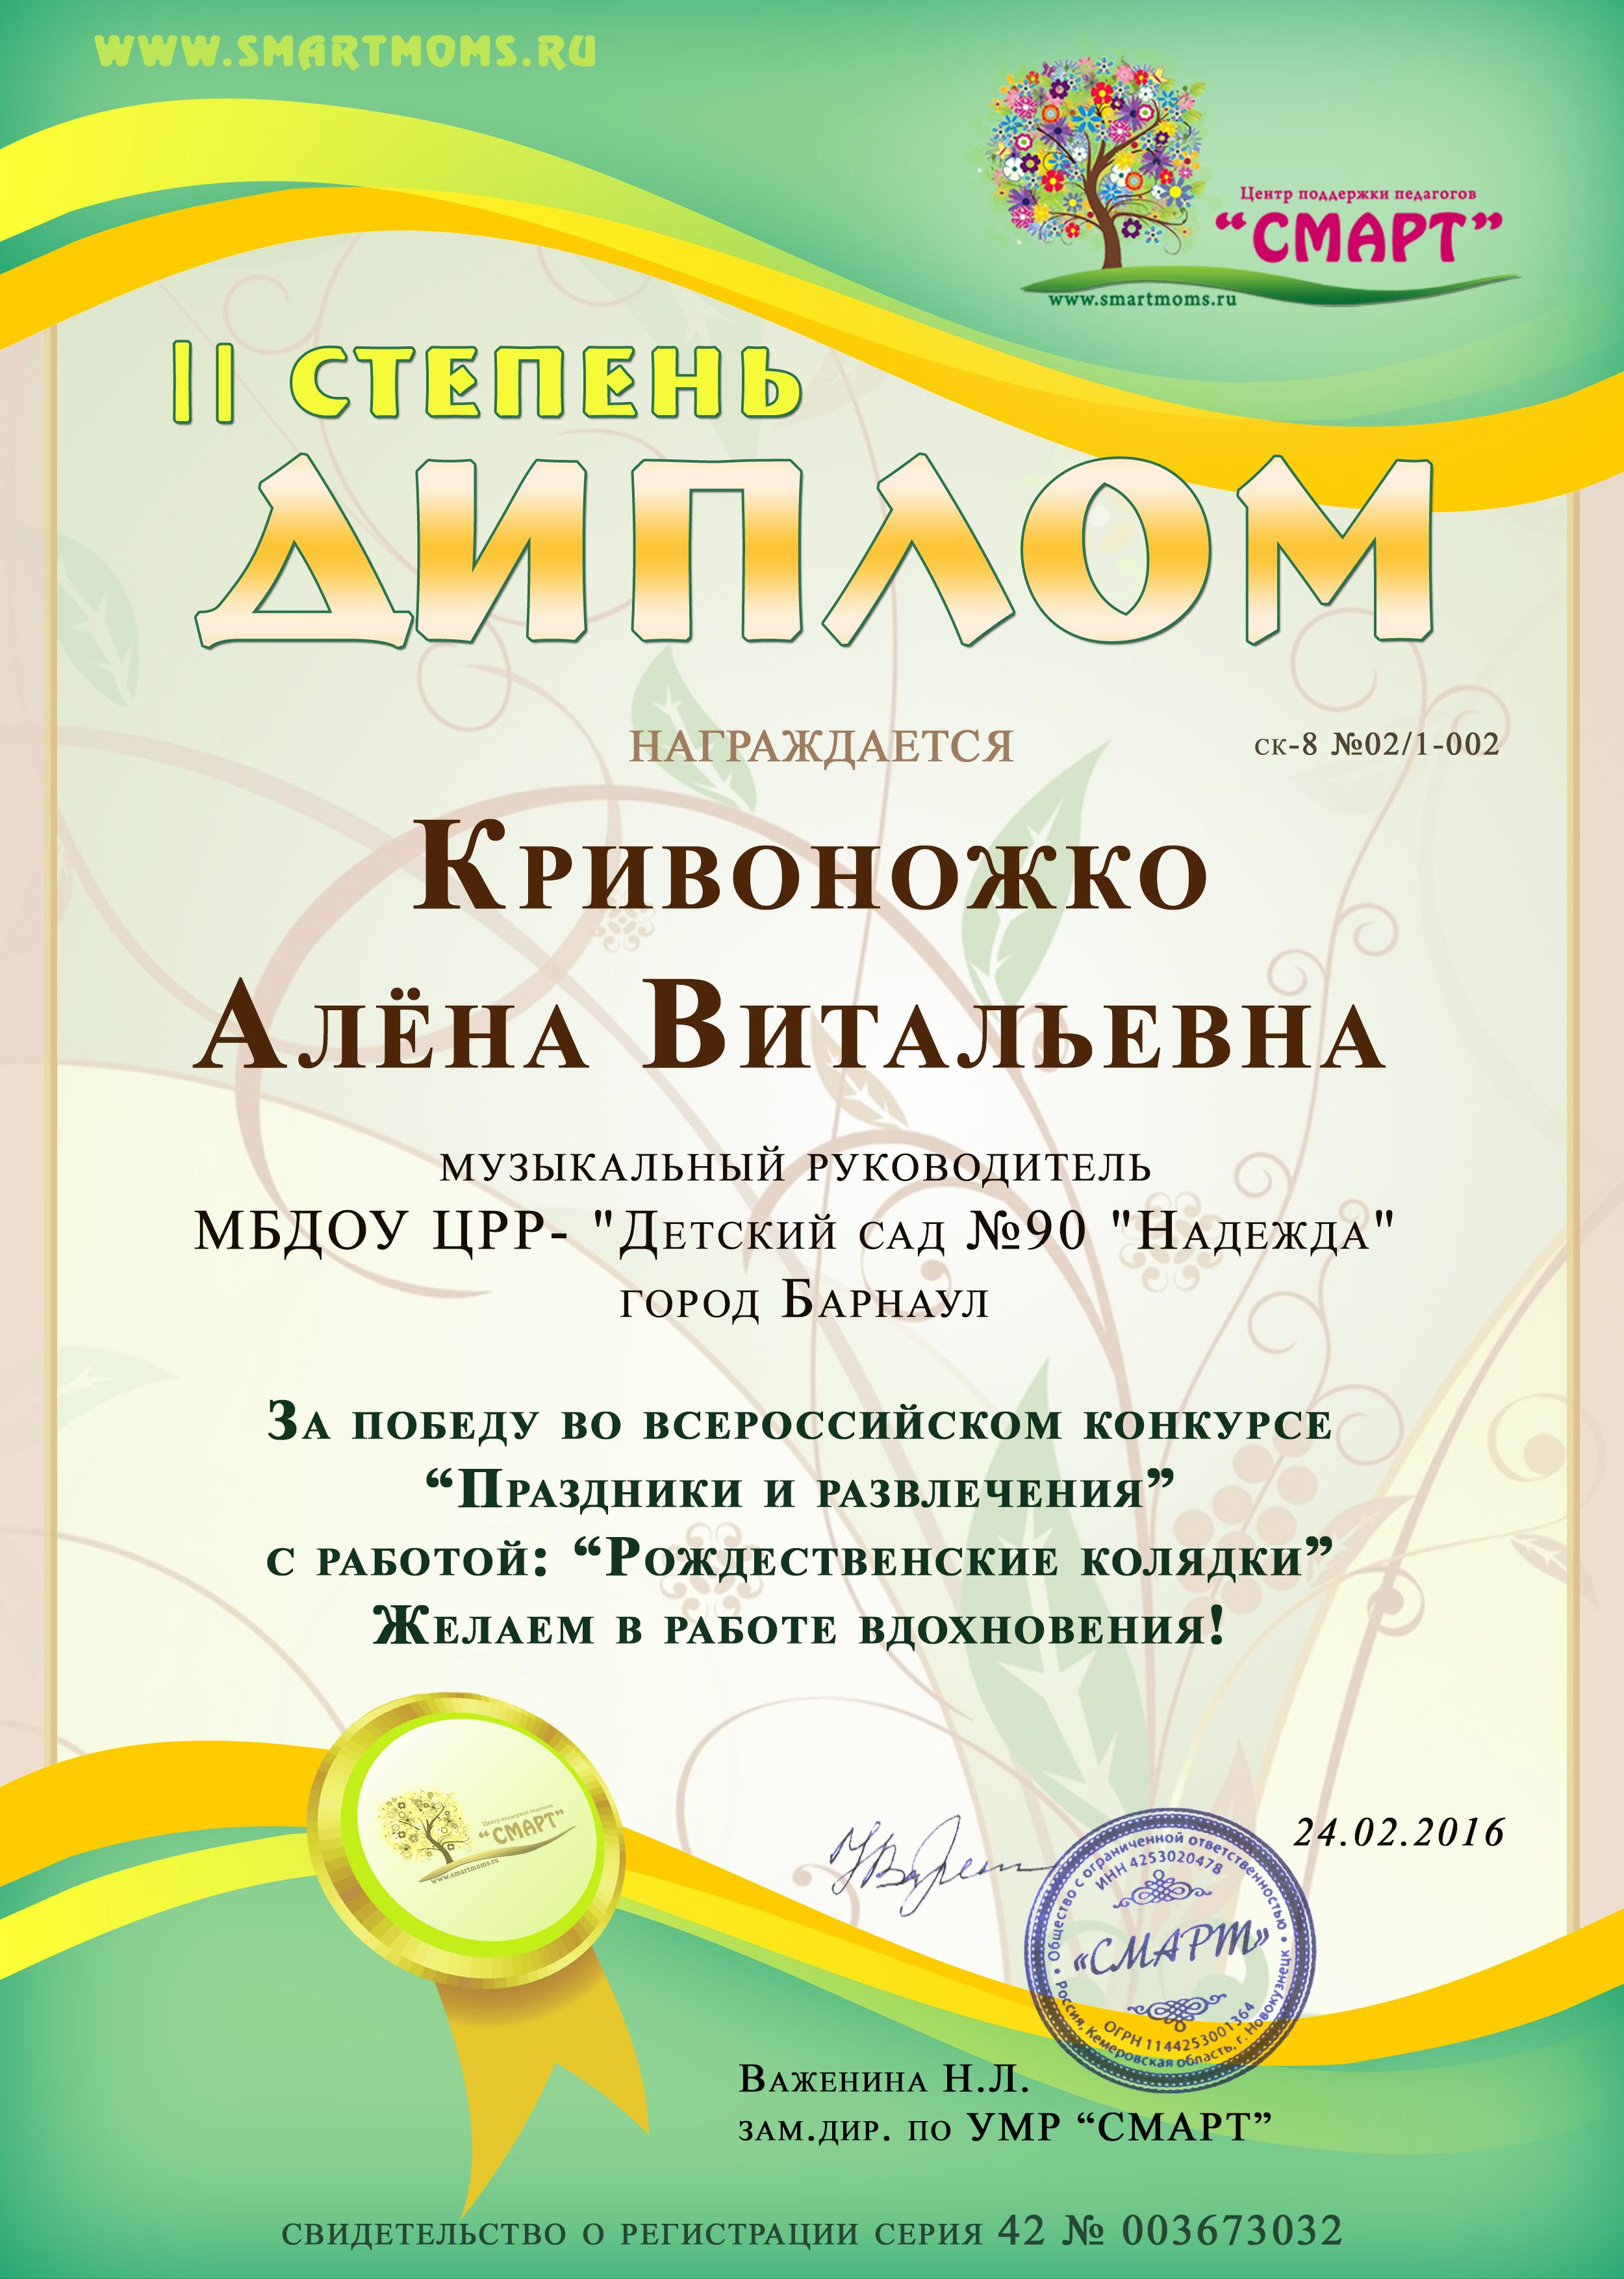 Кривоножко Алёна Витальевна